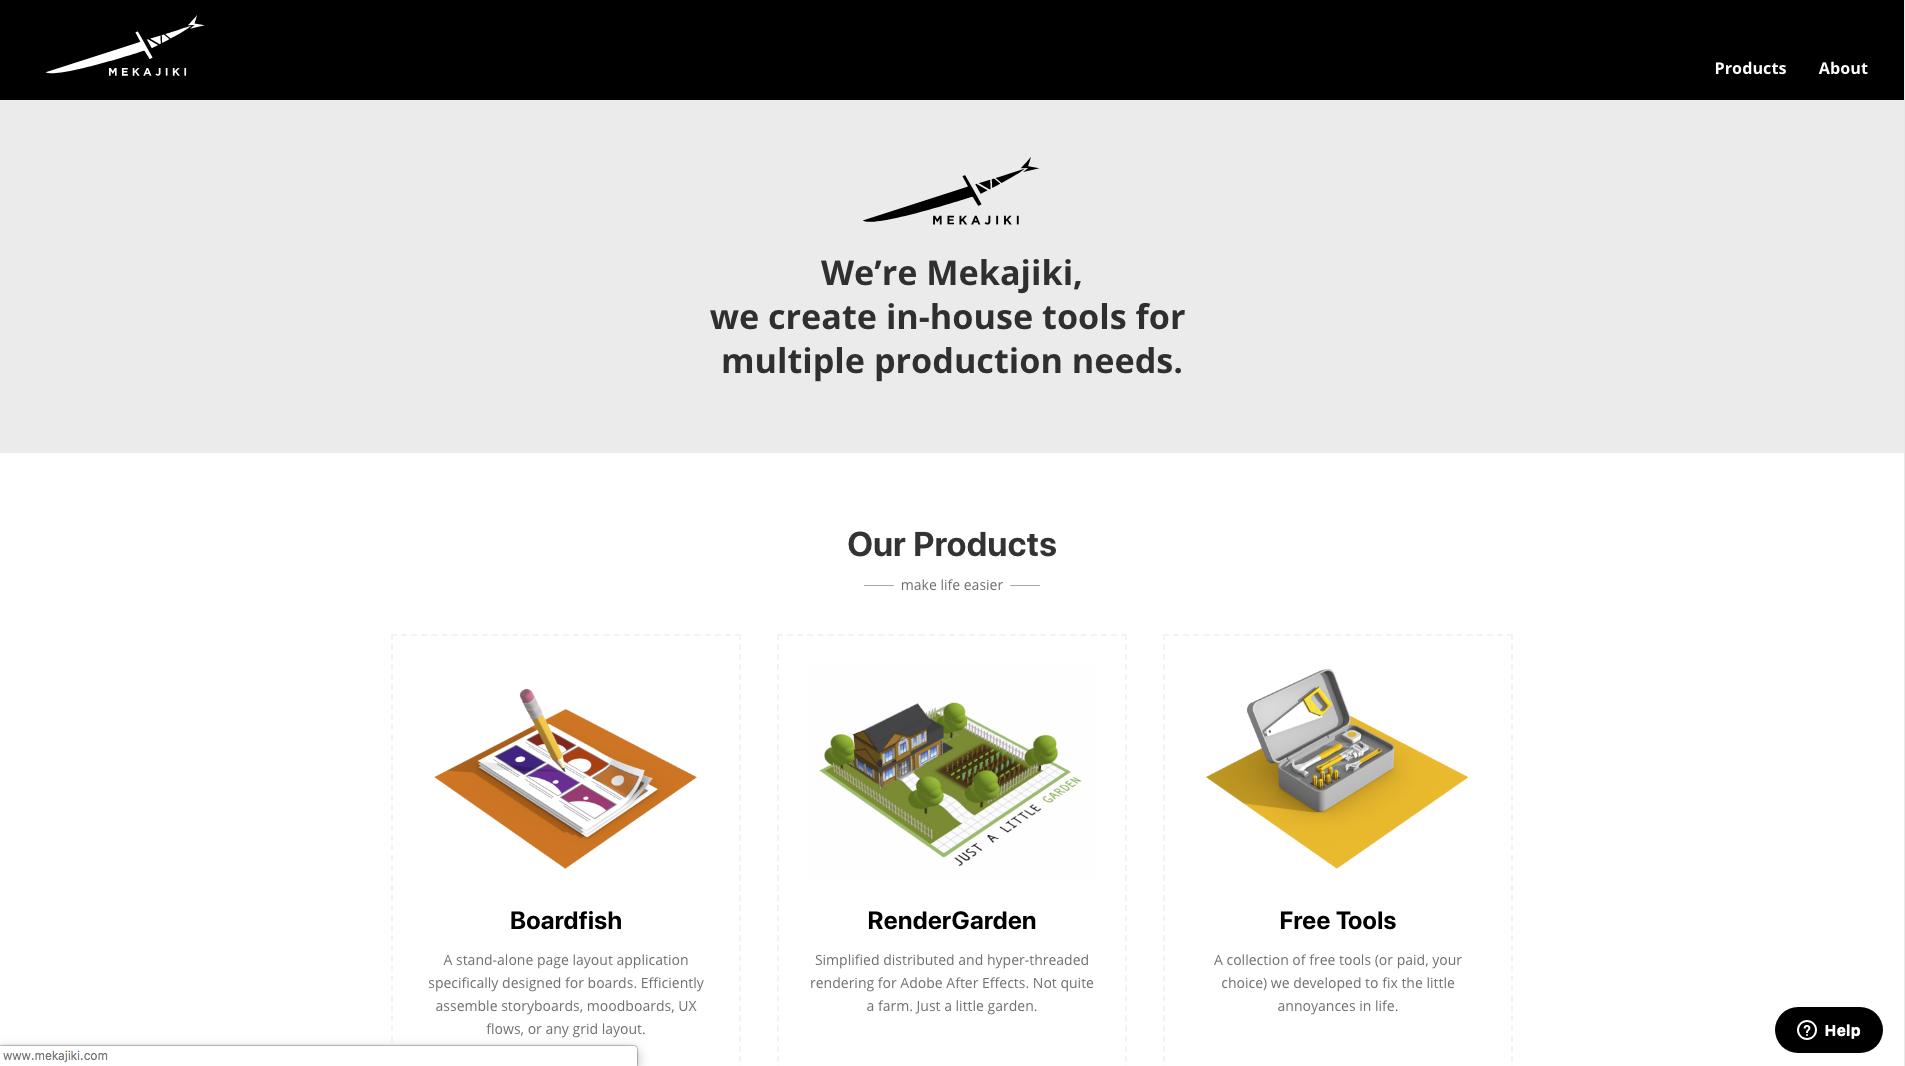 www.mekajiki.com